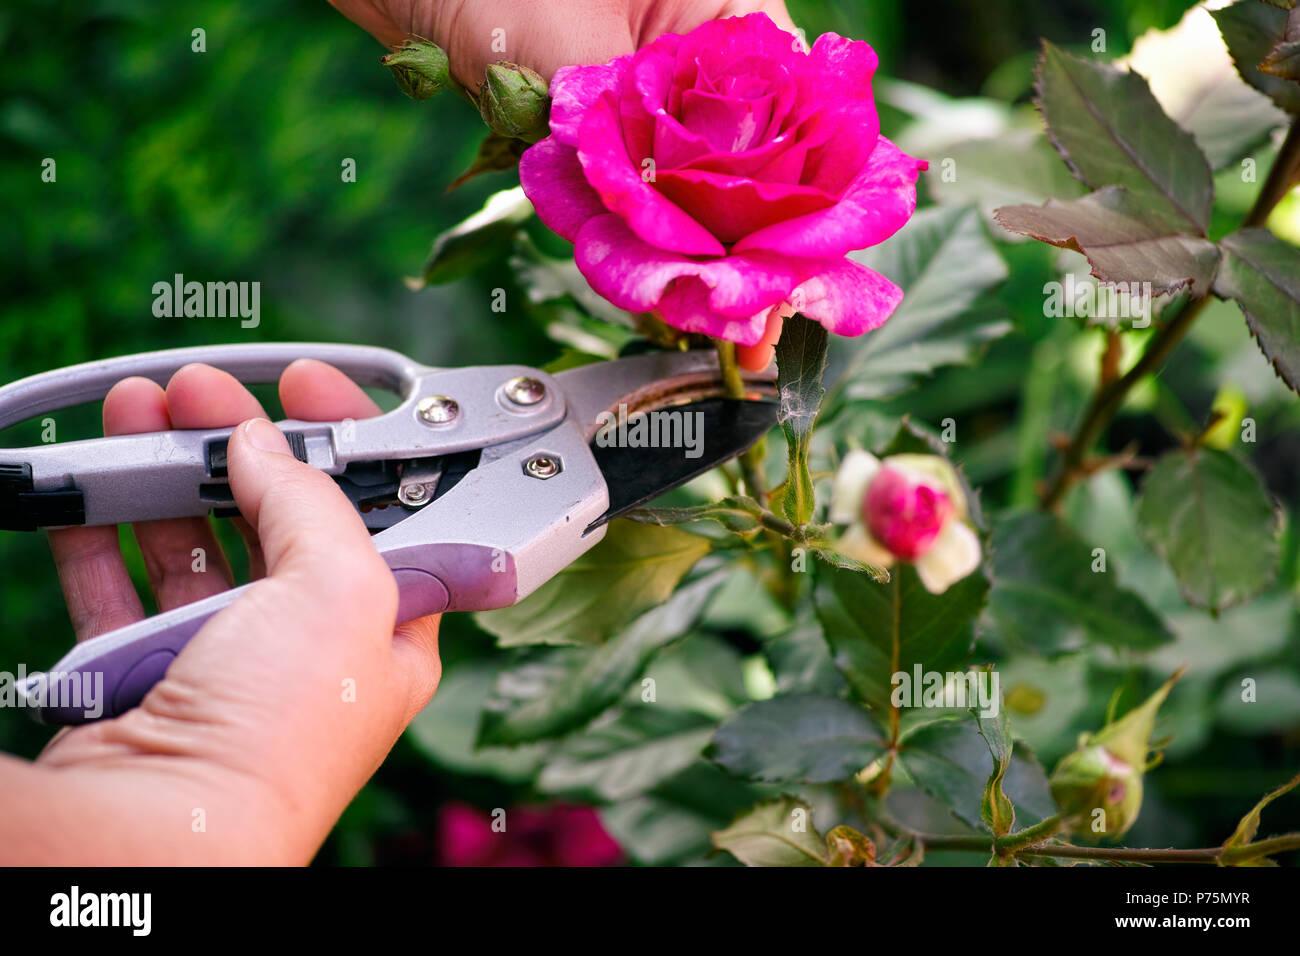 Frau Hände mit Garten Scheren Schneiden rosa Rose der Bush. Stockbild